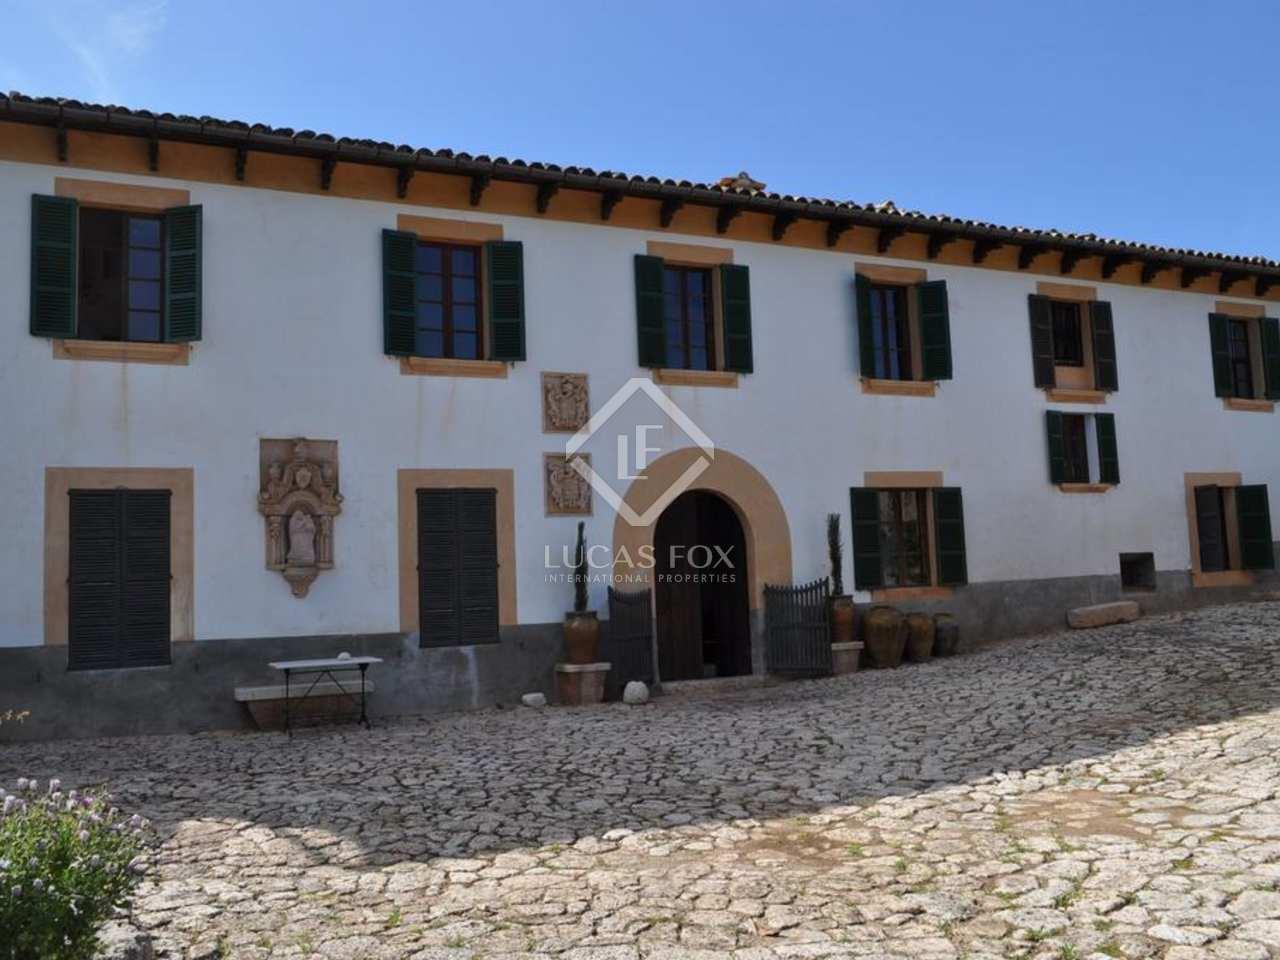 Casa de campo en venta en el norte de mallorca - Casas de mallorca ...